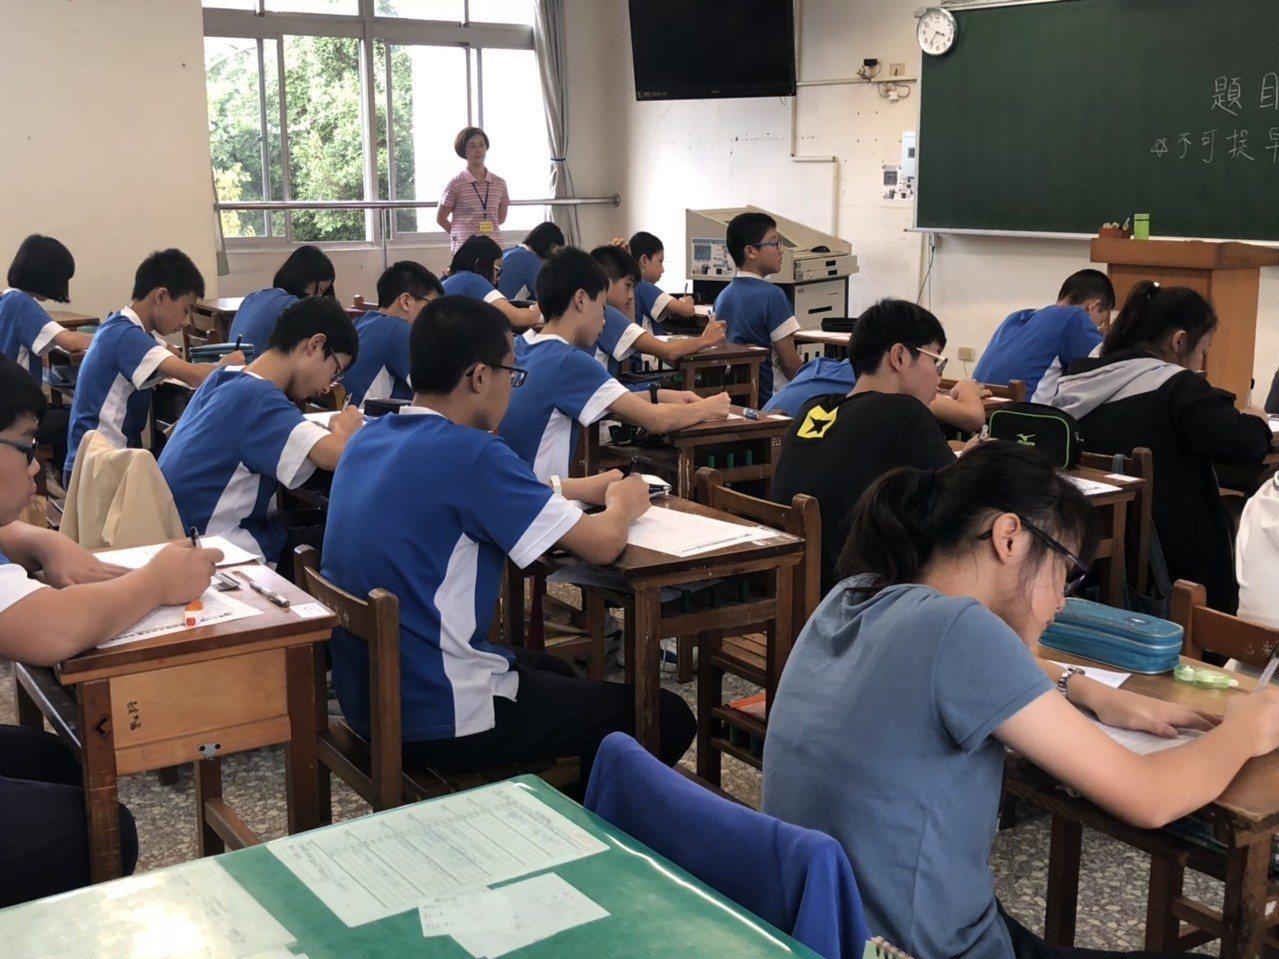 聯合盃作文大賽南投區初賽今天在旭光高中和埔里國中舉行,共有1138名學生參賽,測...